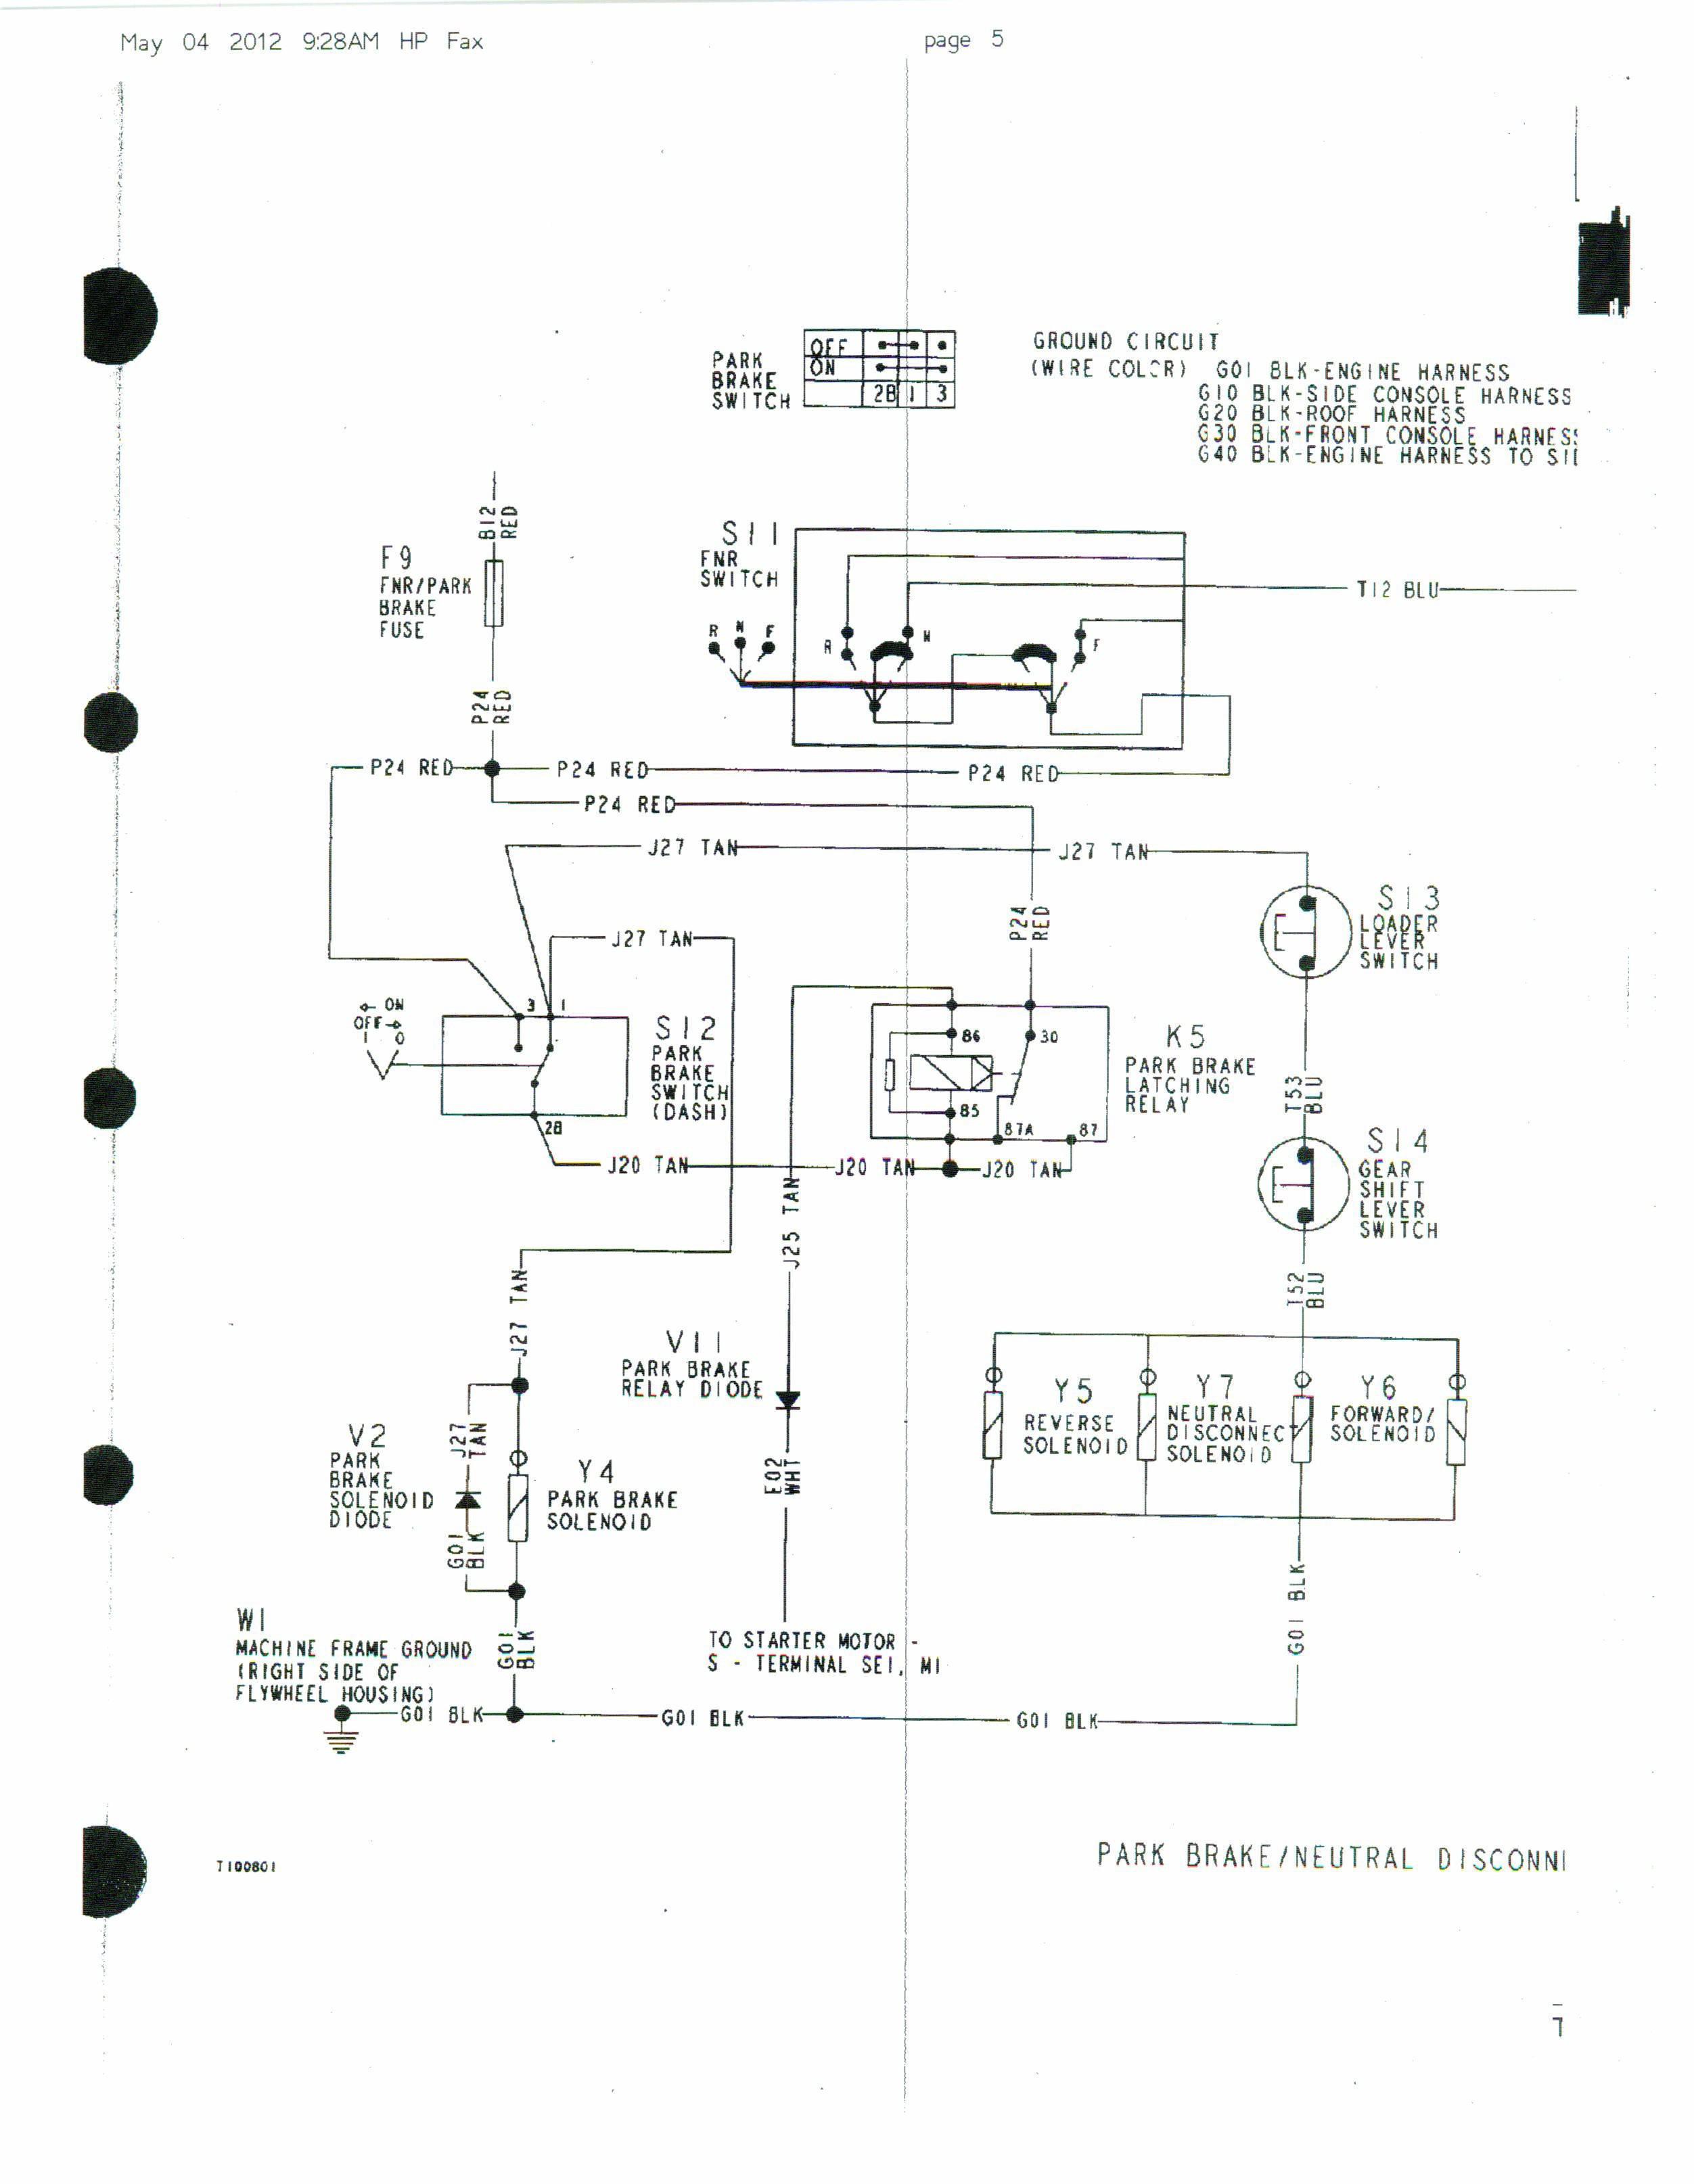 Pioneer Bypass Wiring Schematic | Wiring Diagram - Pioneer Parking Brake Bypass Wiring Diagram